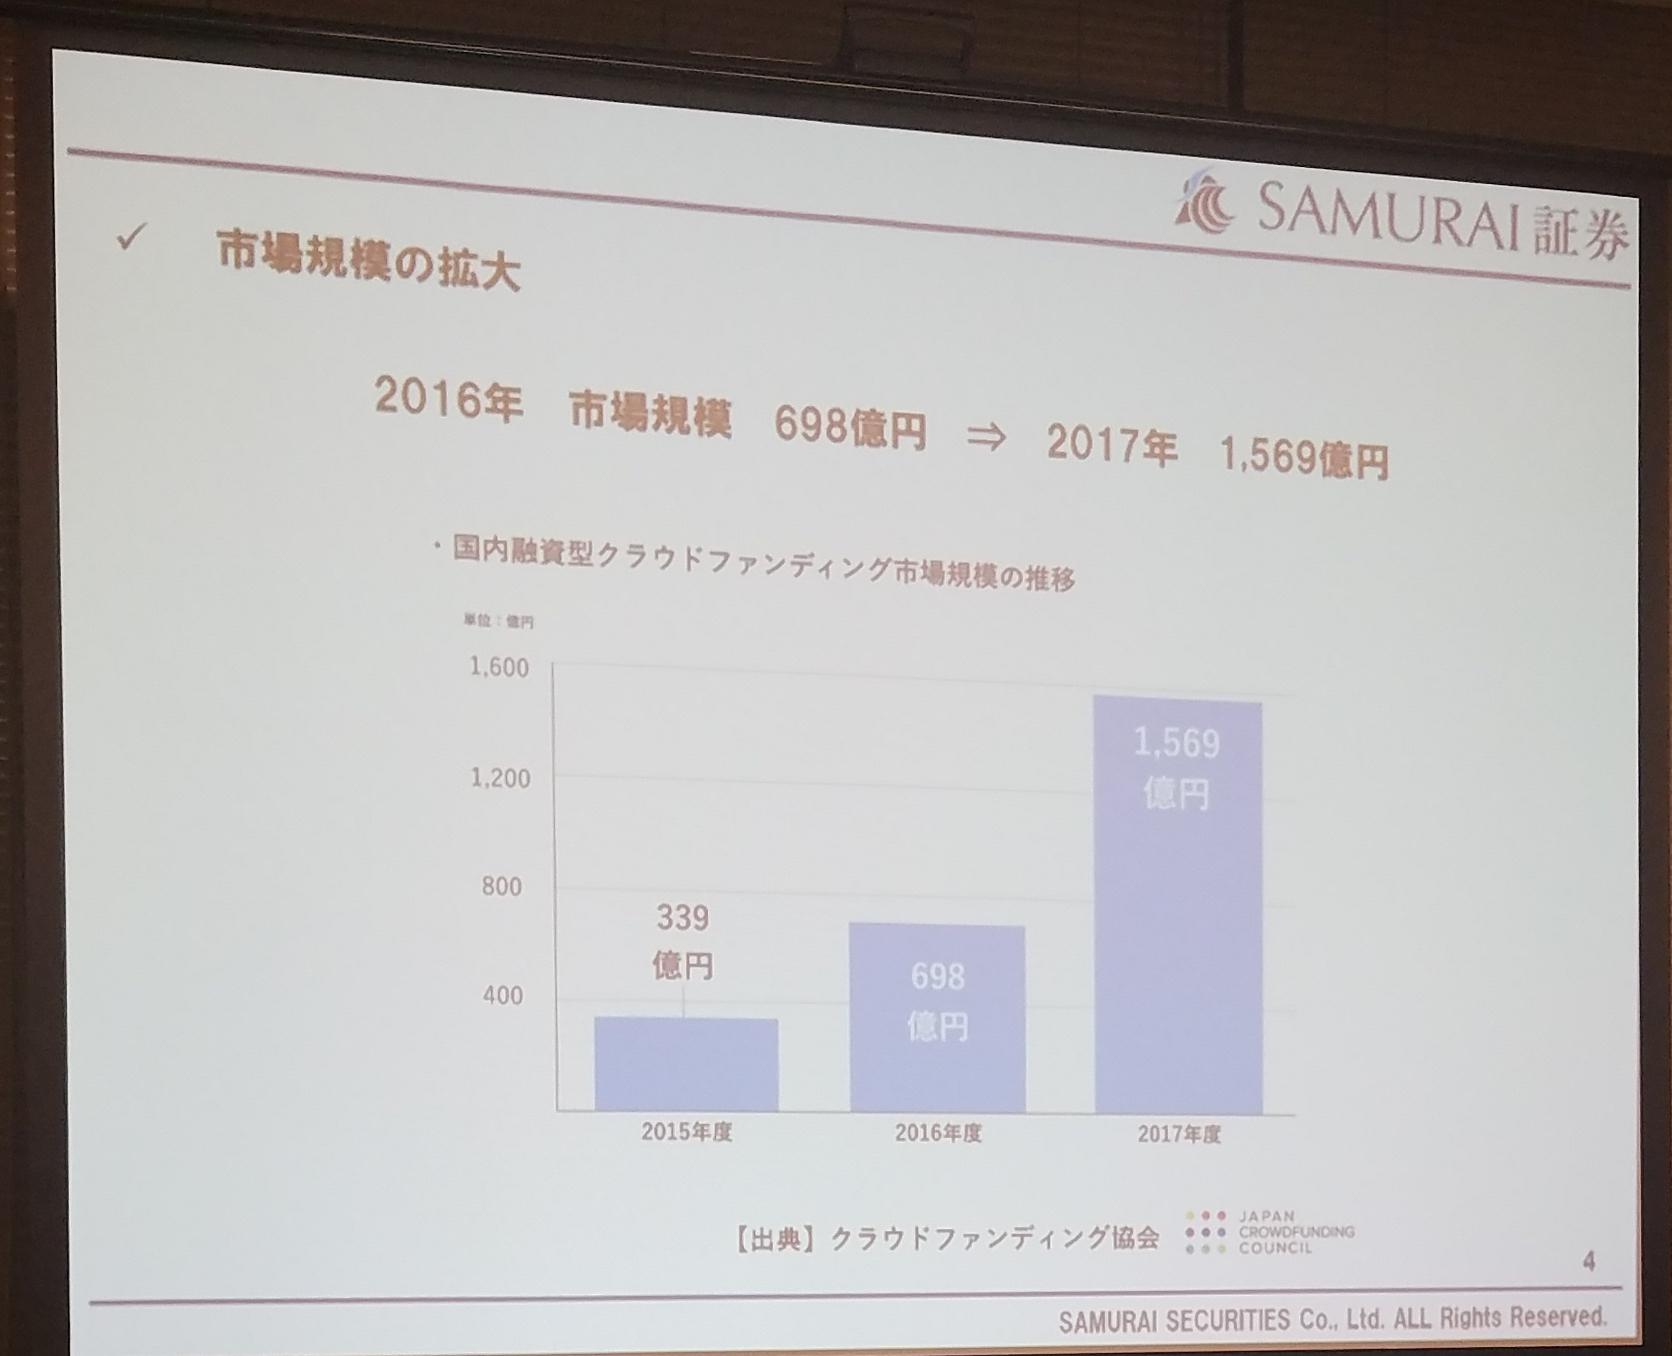 04_SAMURAIセミナー参加報告